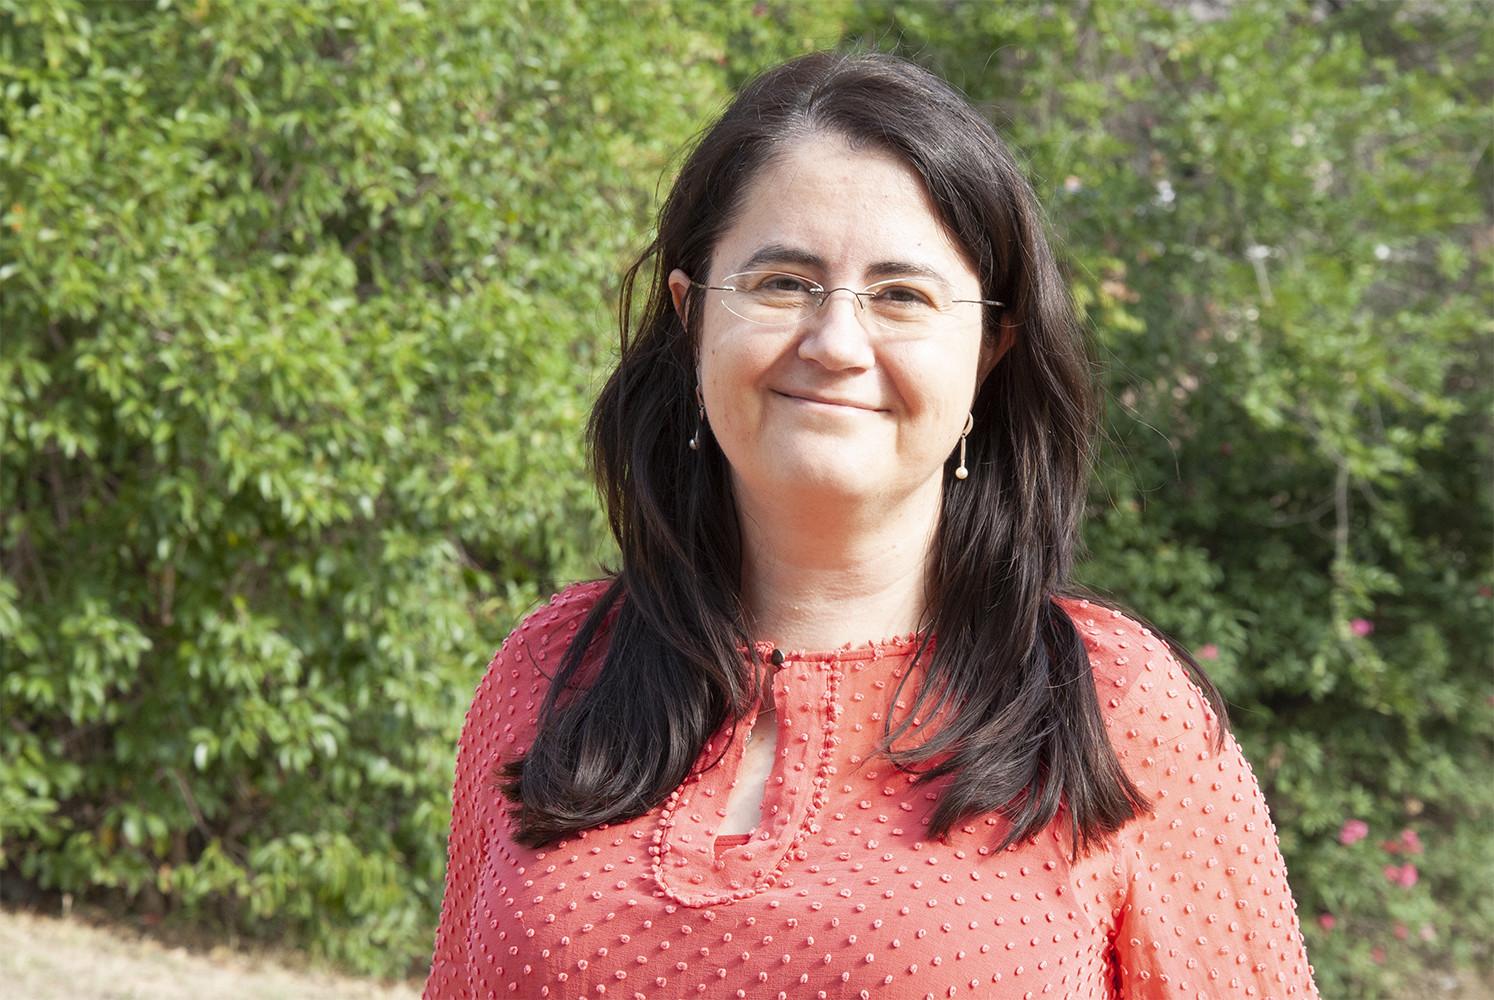 Mayka Sánchez Fernández, promotora y cofundadora de Bloodgenetics